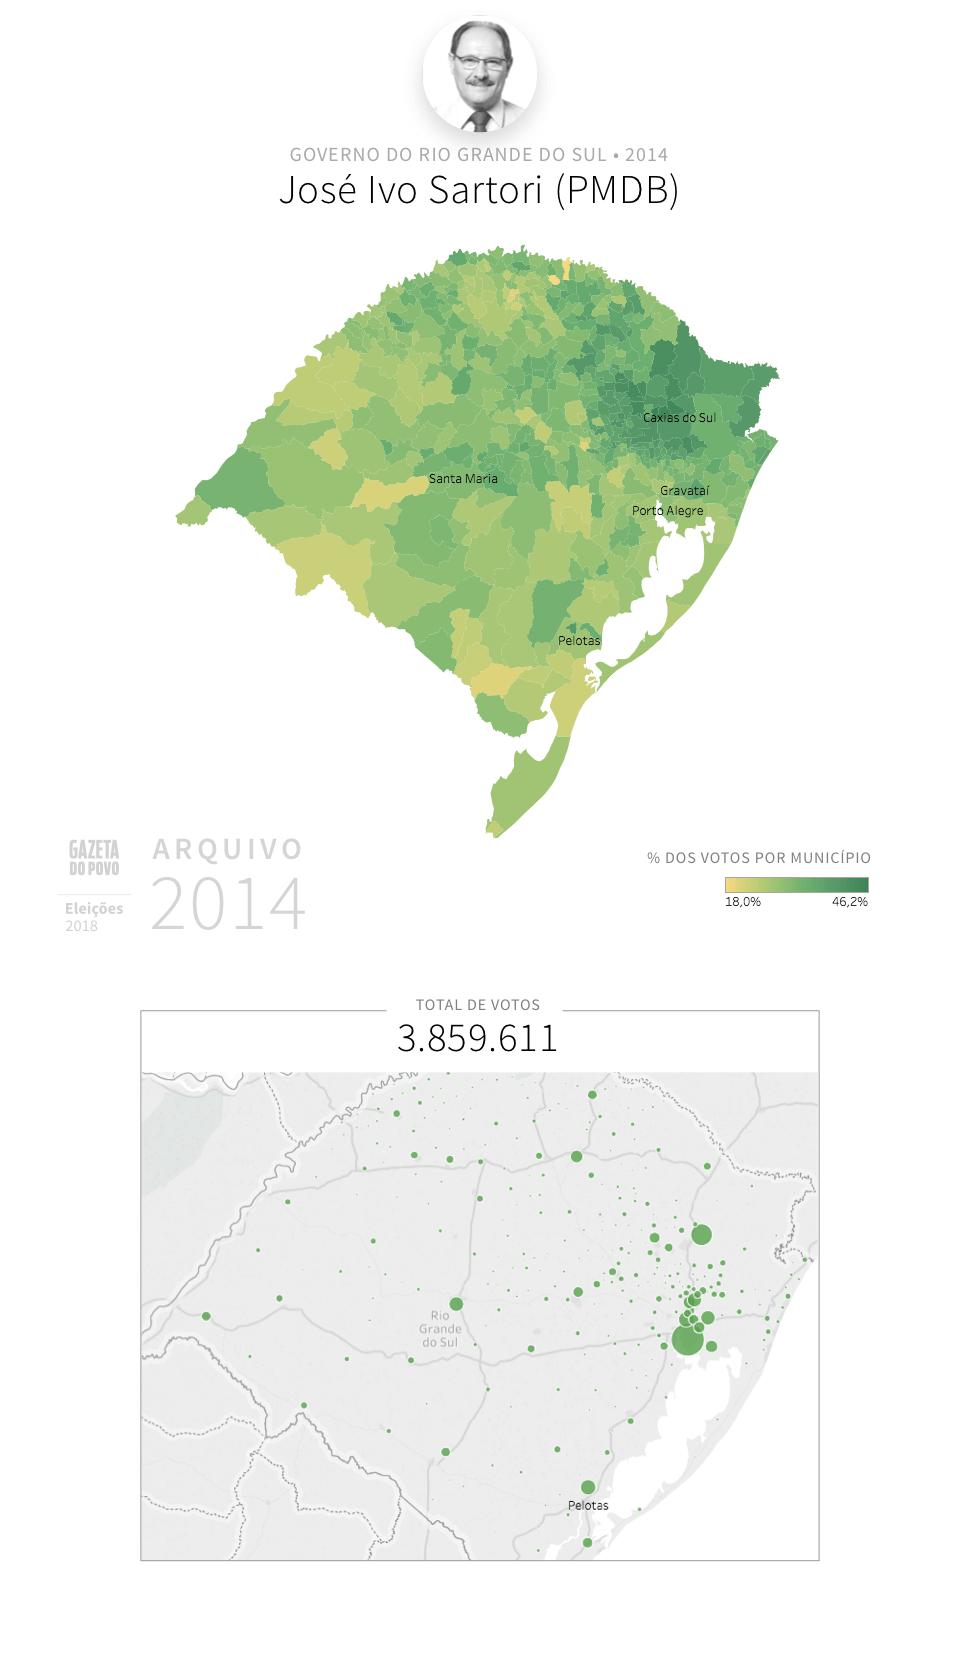 Desempenho do PMDB no Rio Grande do Sul em 2014, na eleição para governador do Rio Grande do Sul. Em % do total de votos em cada município.